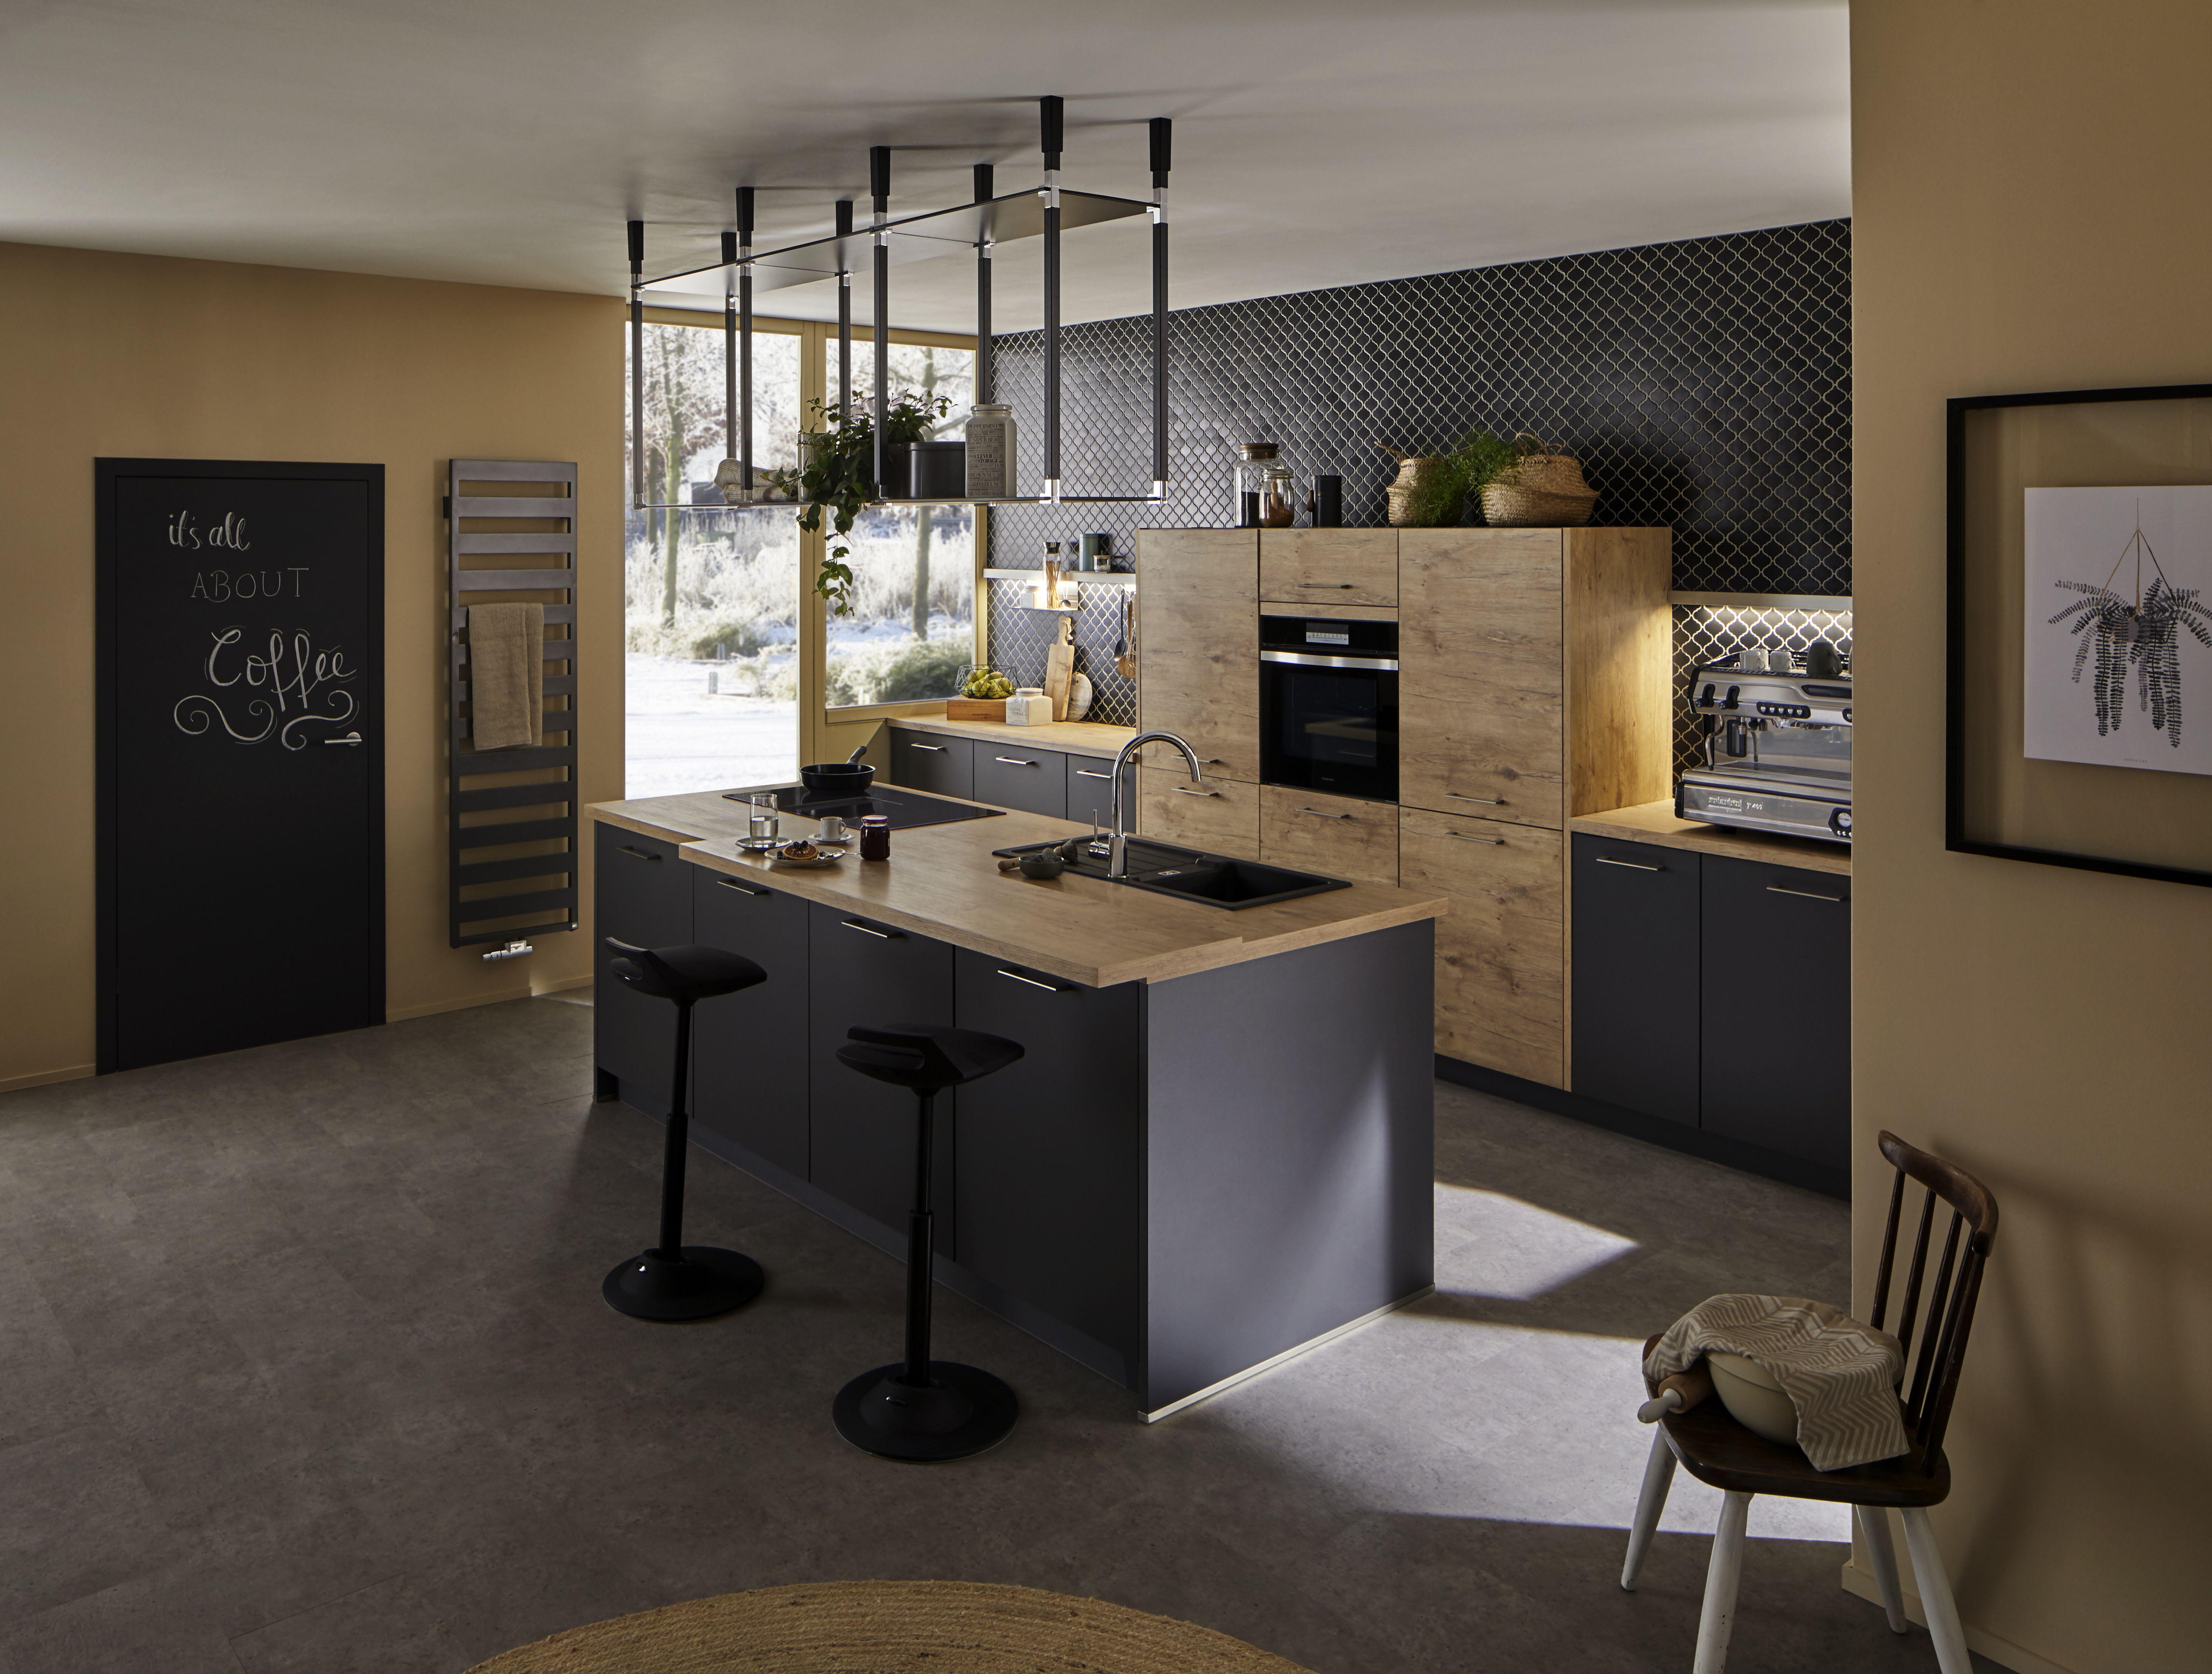 Kücheninsel mit tRACK Deckenregal trackbyvolumek track volumek deckenregal küche hängeregal ...